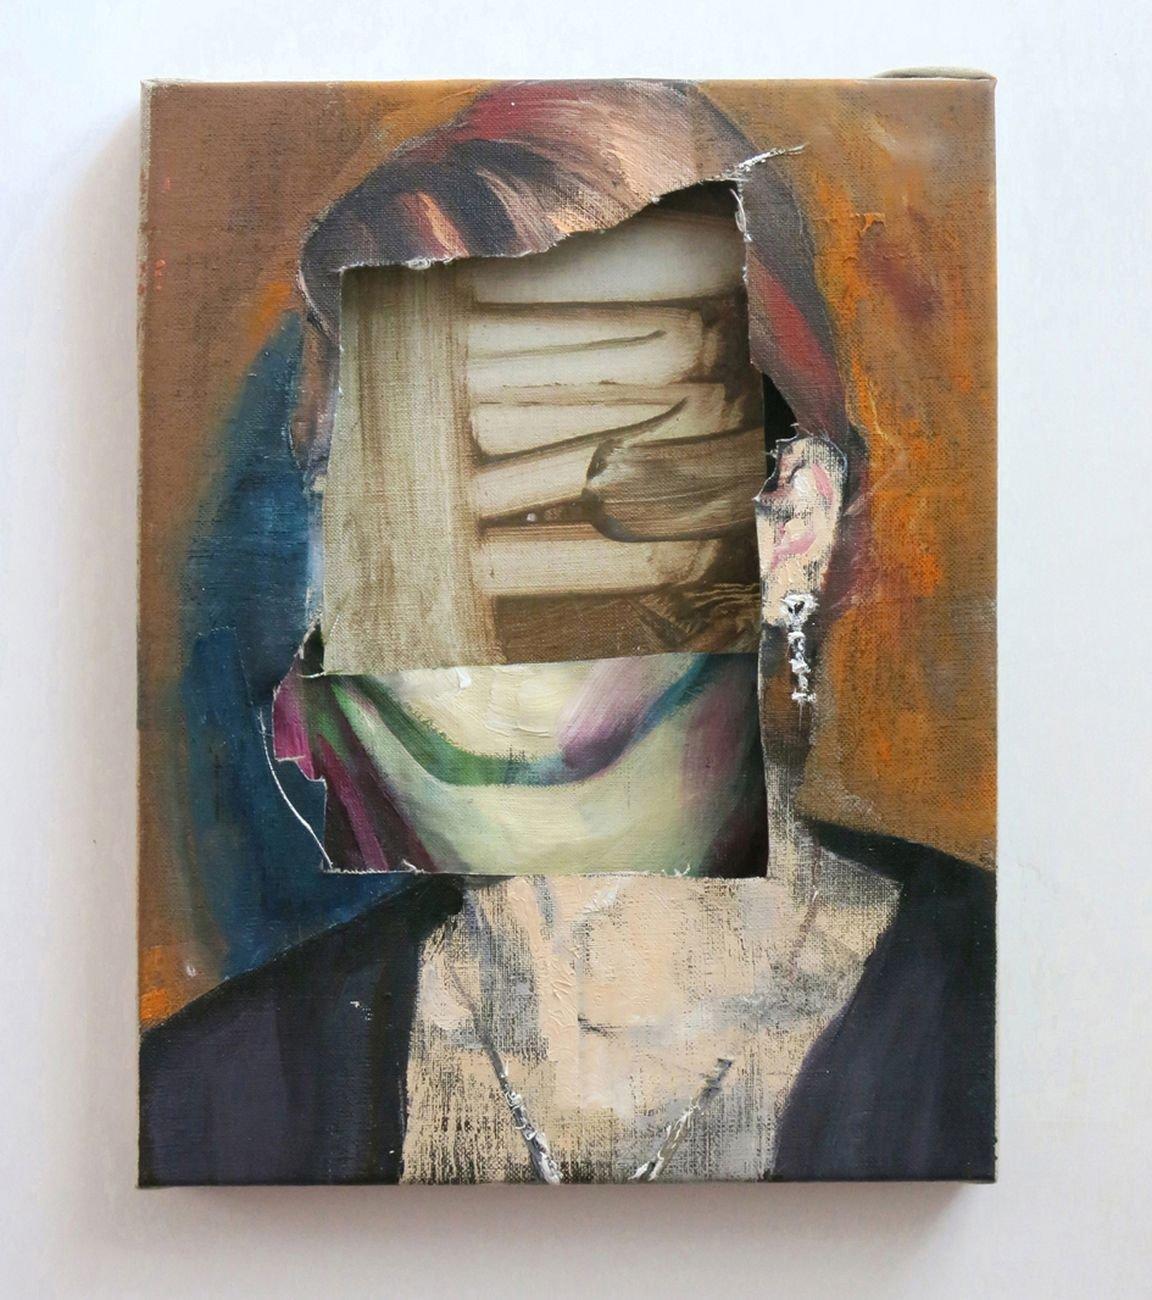 Alessandro Scarabello, Head #1, 2014, olio su tele sovrapposte, cm 27,5x21. Courtesy The Gallery Apart, Roma